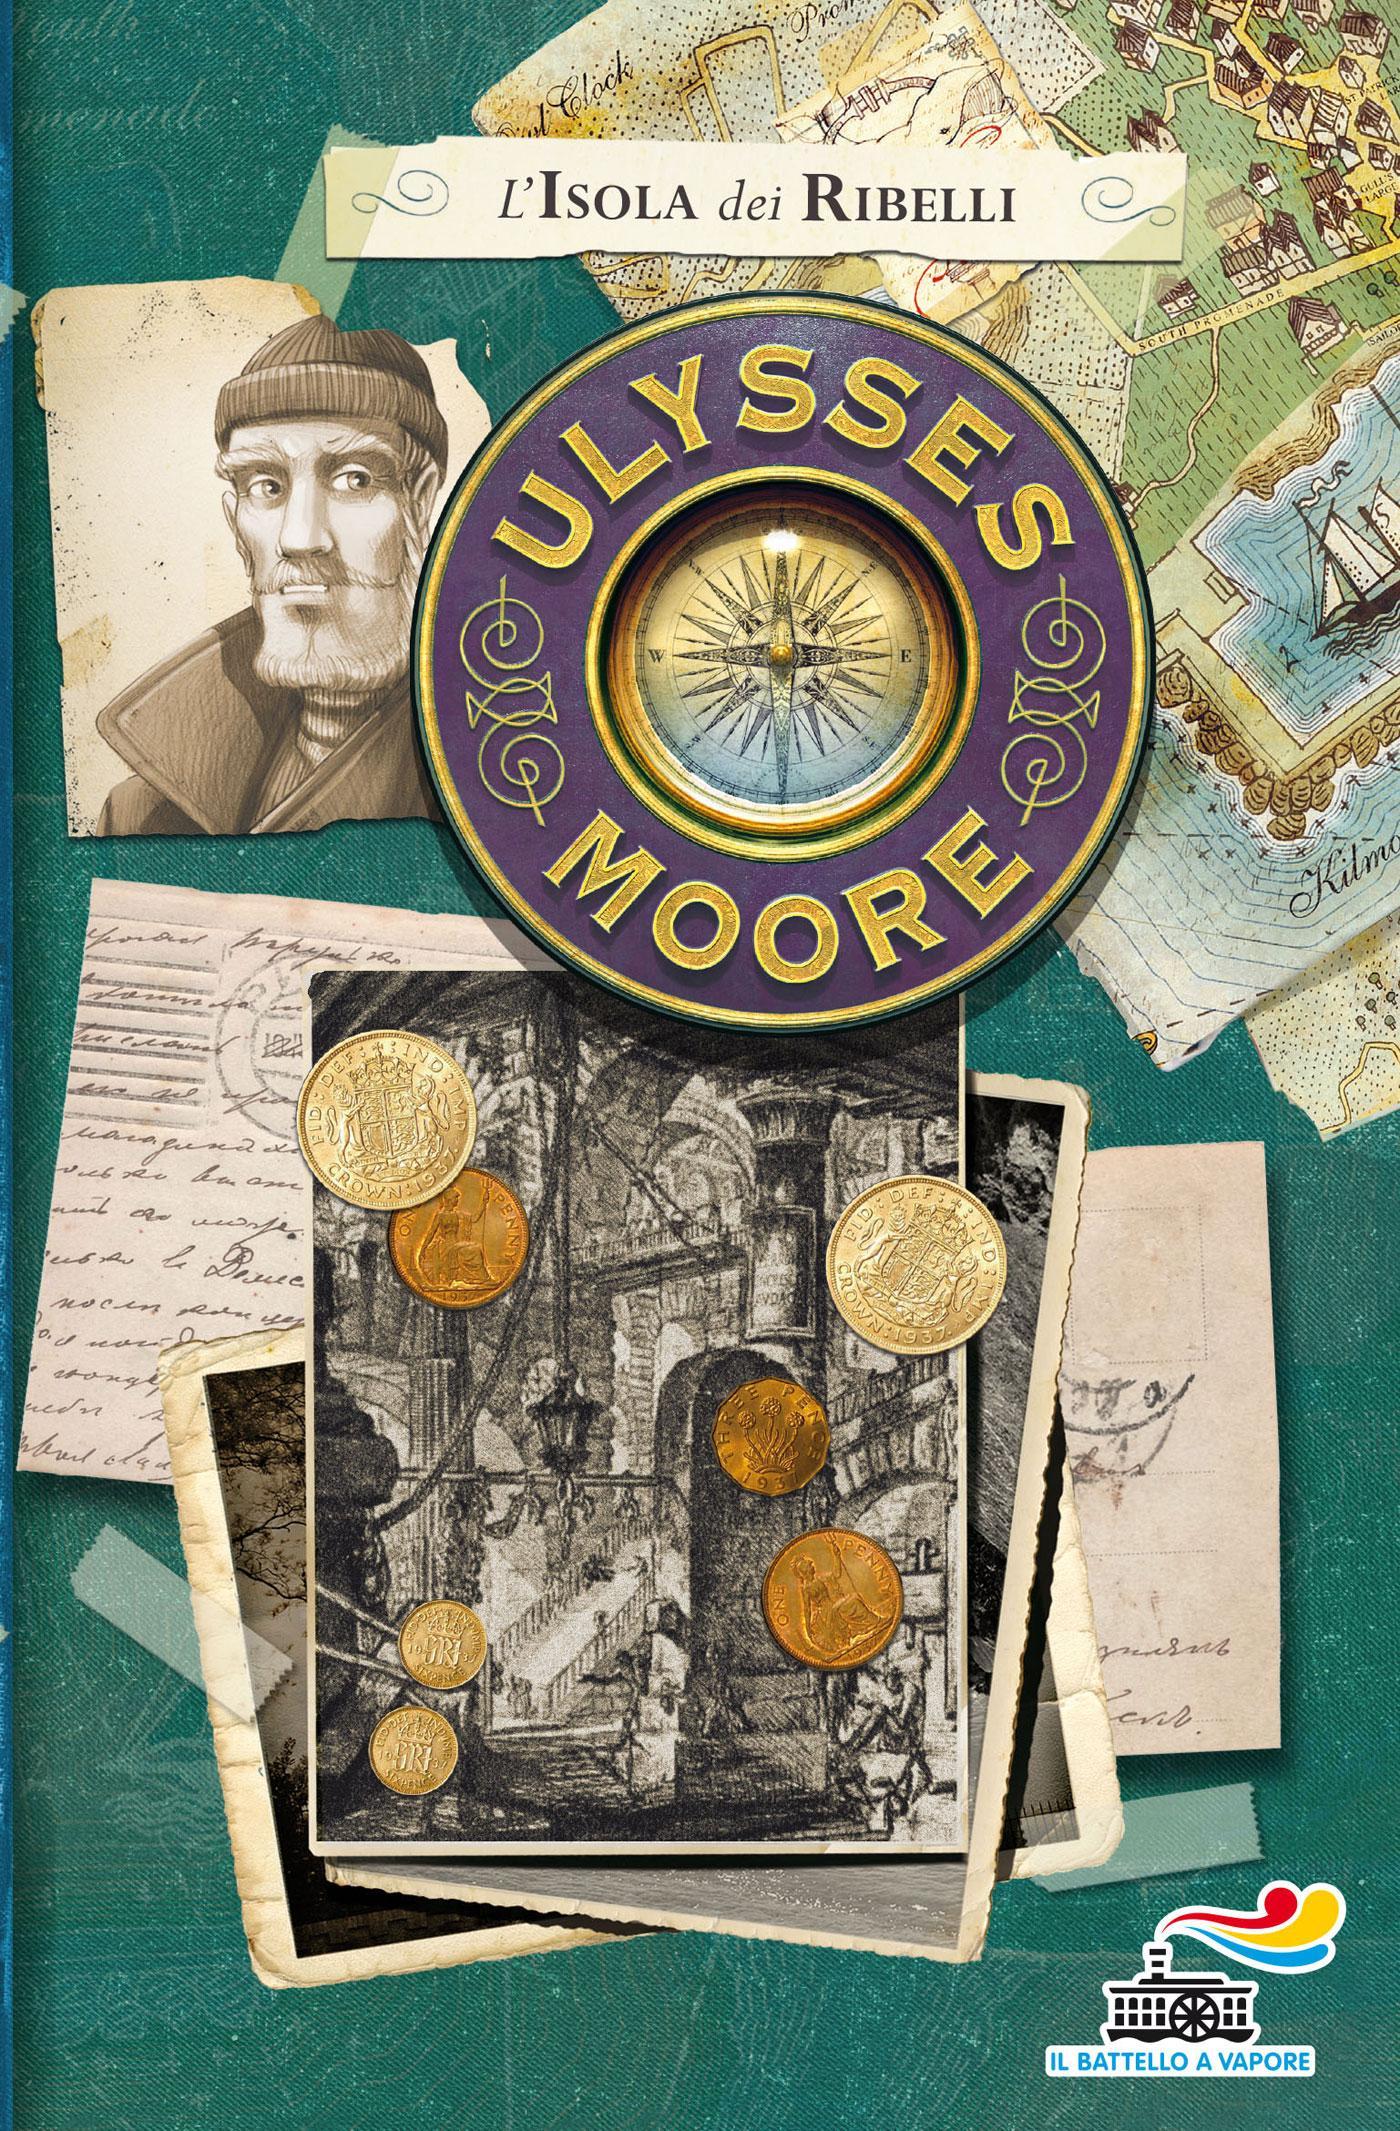 Ulysses Moore - 16. ...